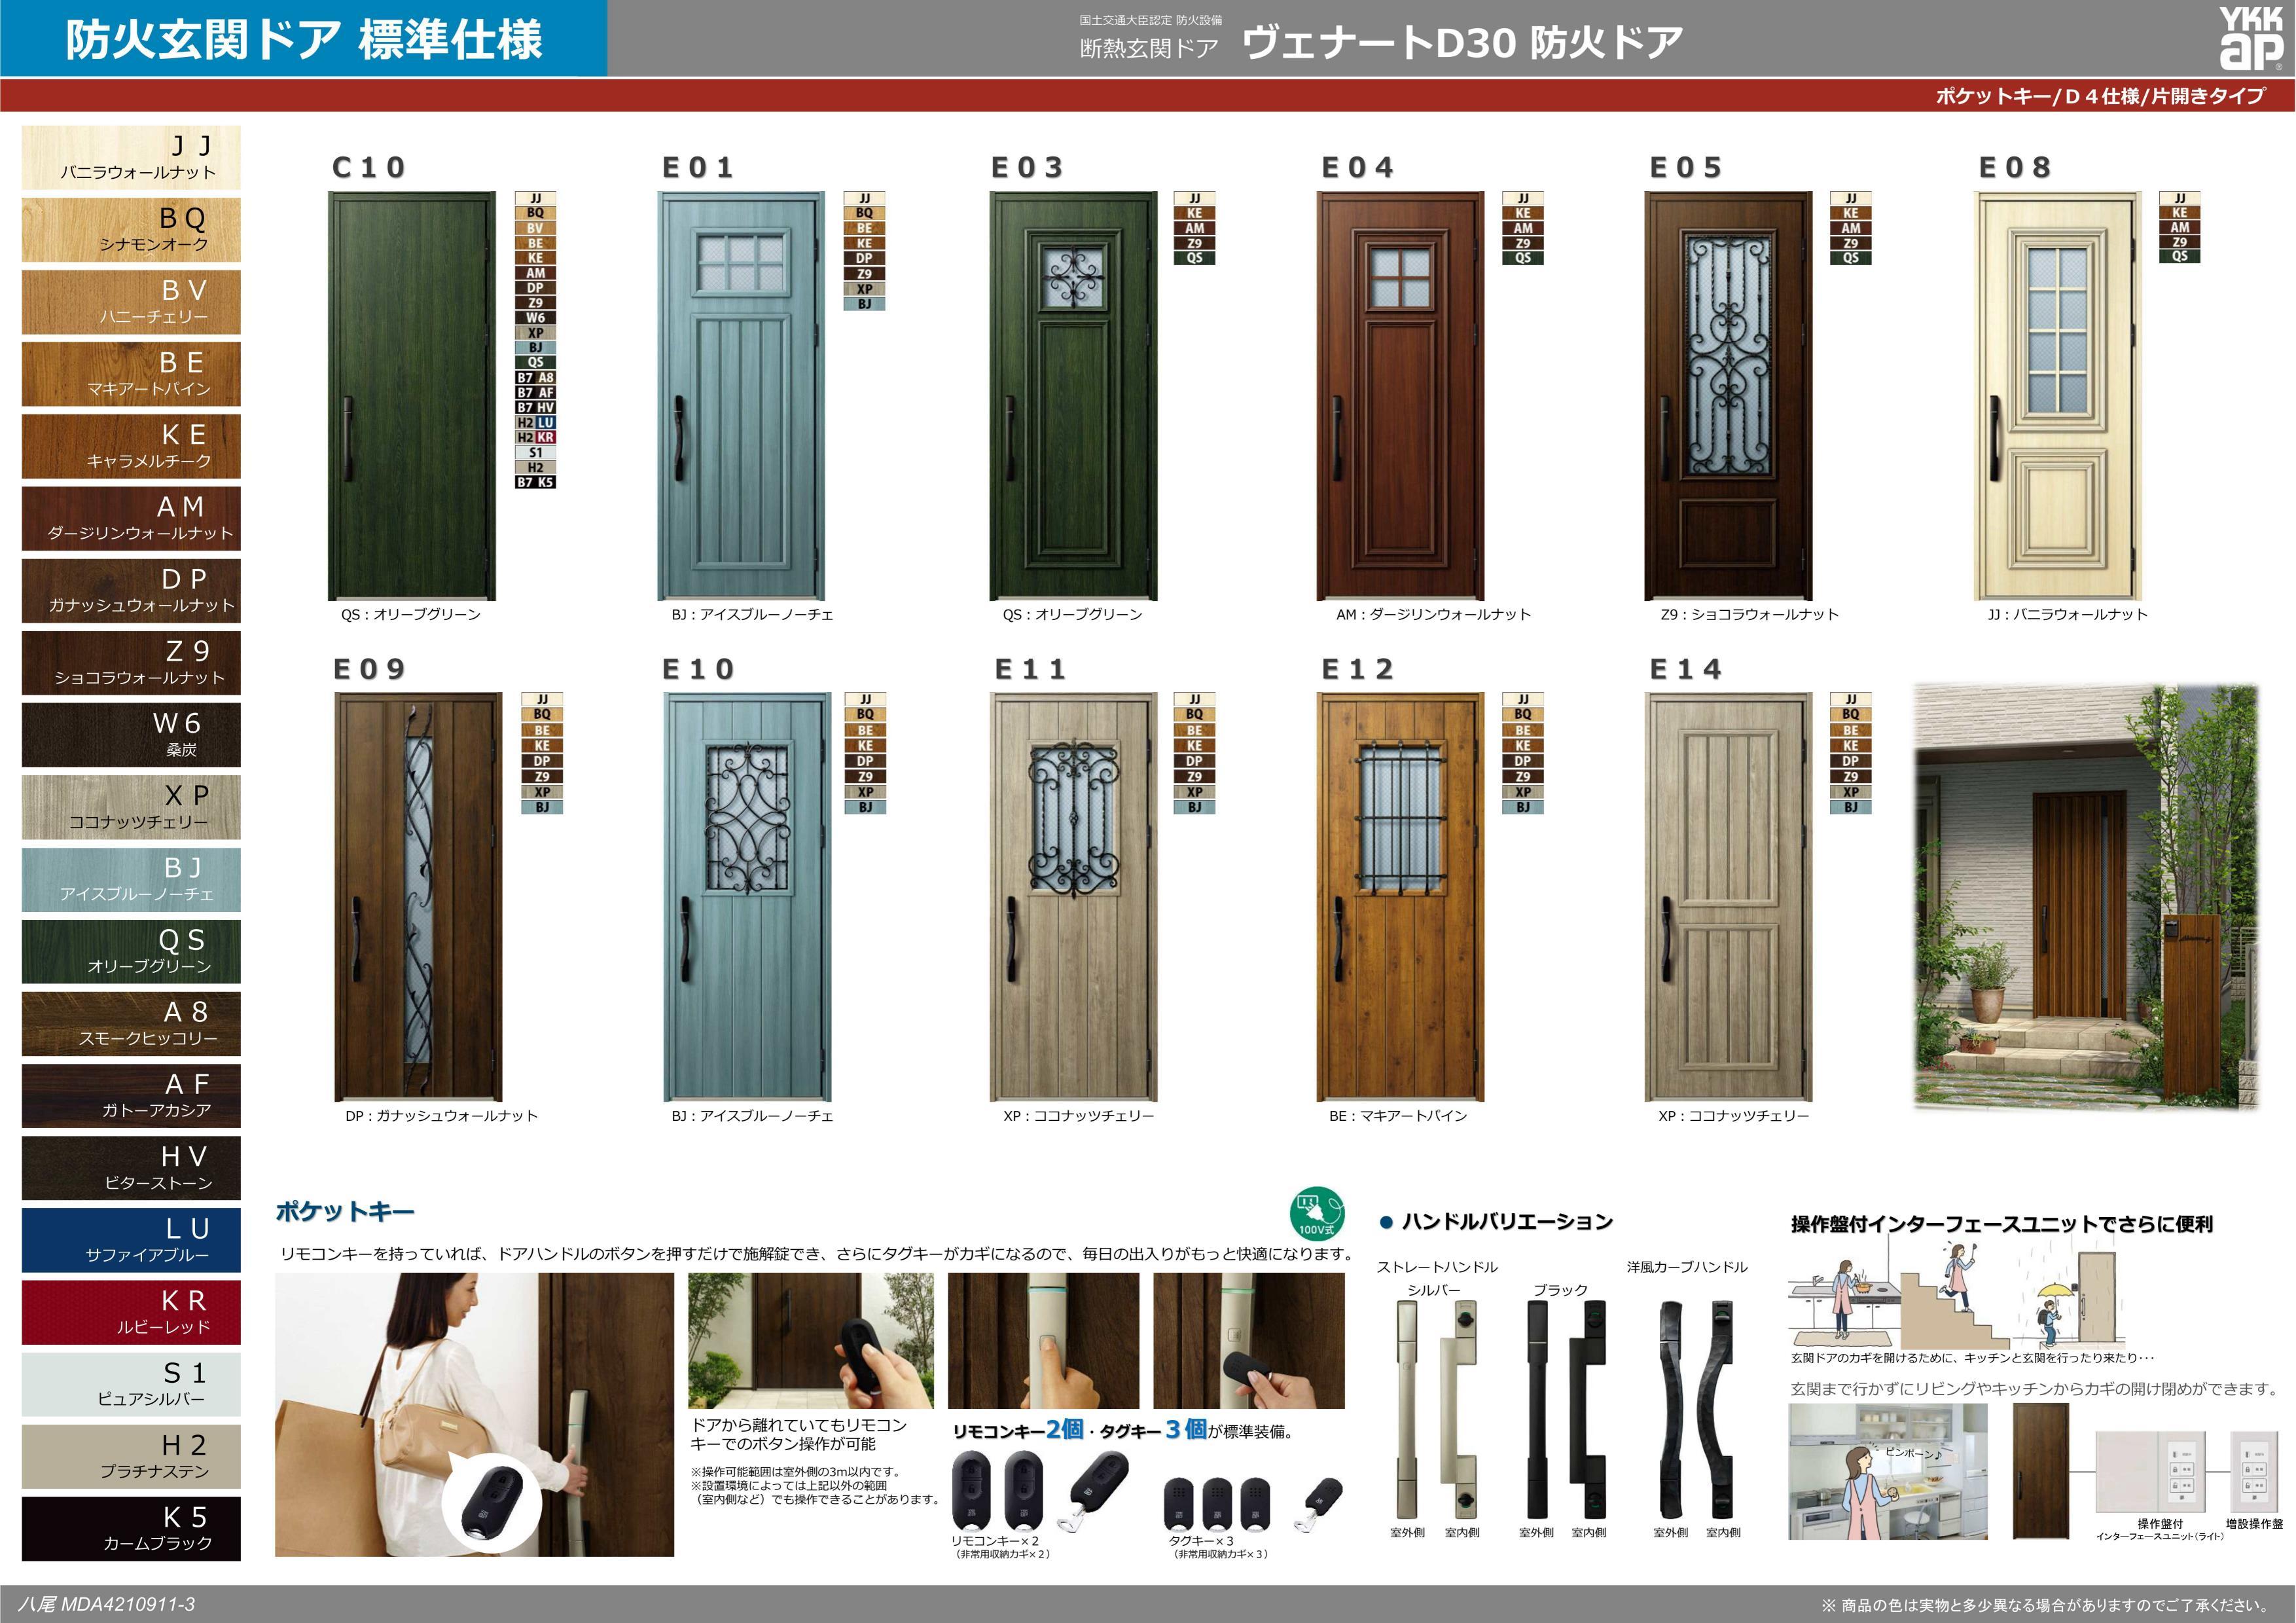 防火ドアヴェナートD30 防火玄関ドア標準仕様3